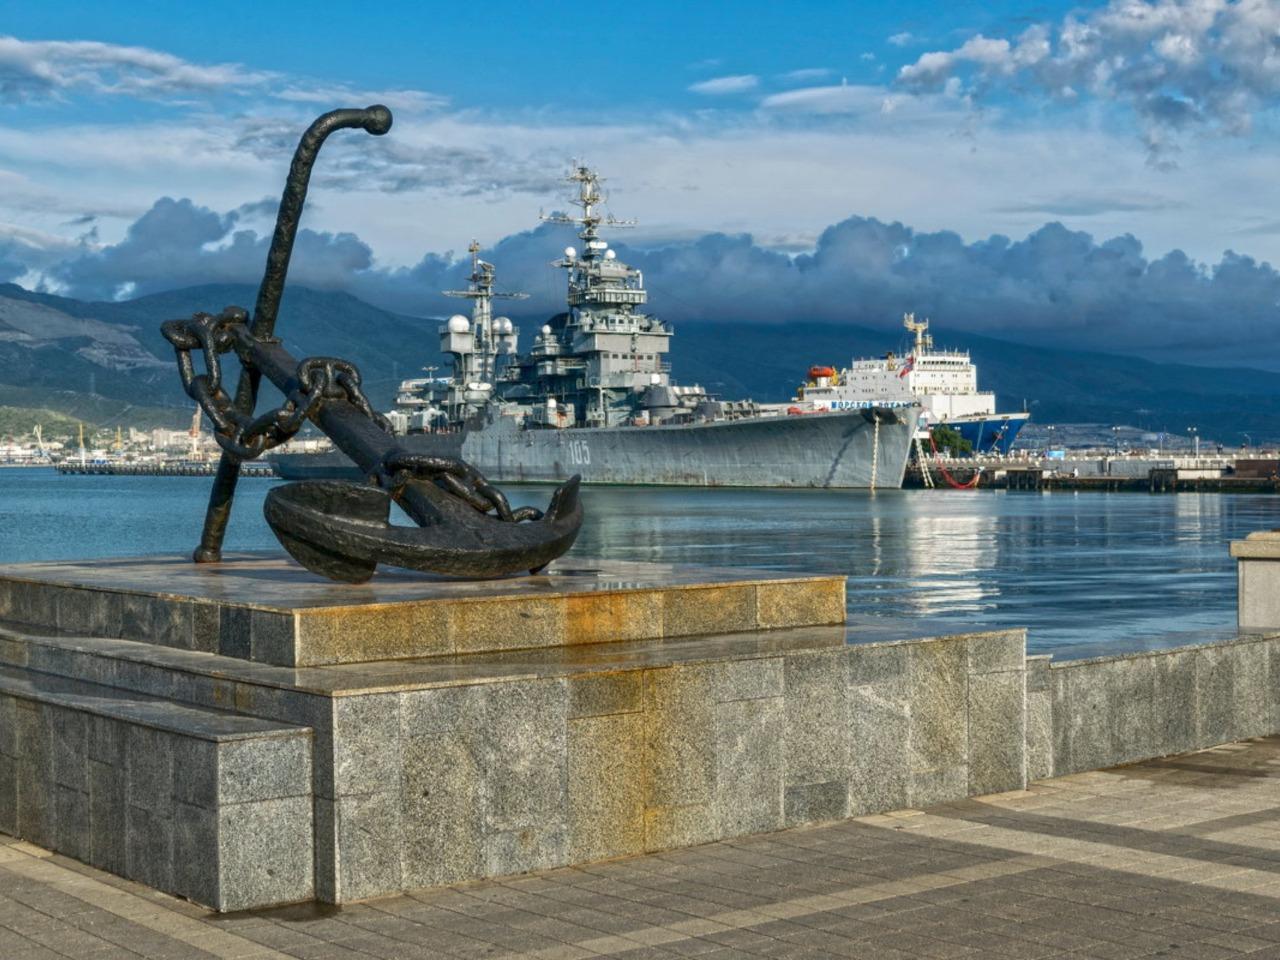 Новороссийск - мощь и слава морской державы! - групповая экскурсия в Анапе от опытного гида